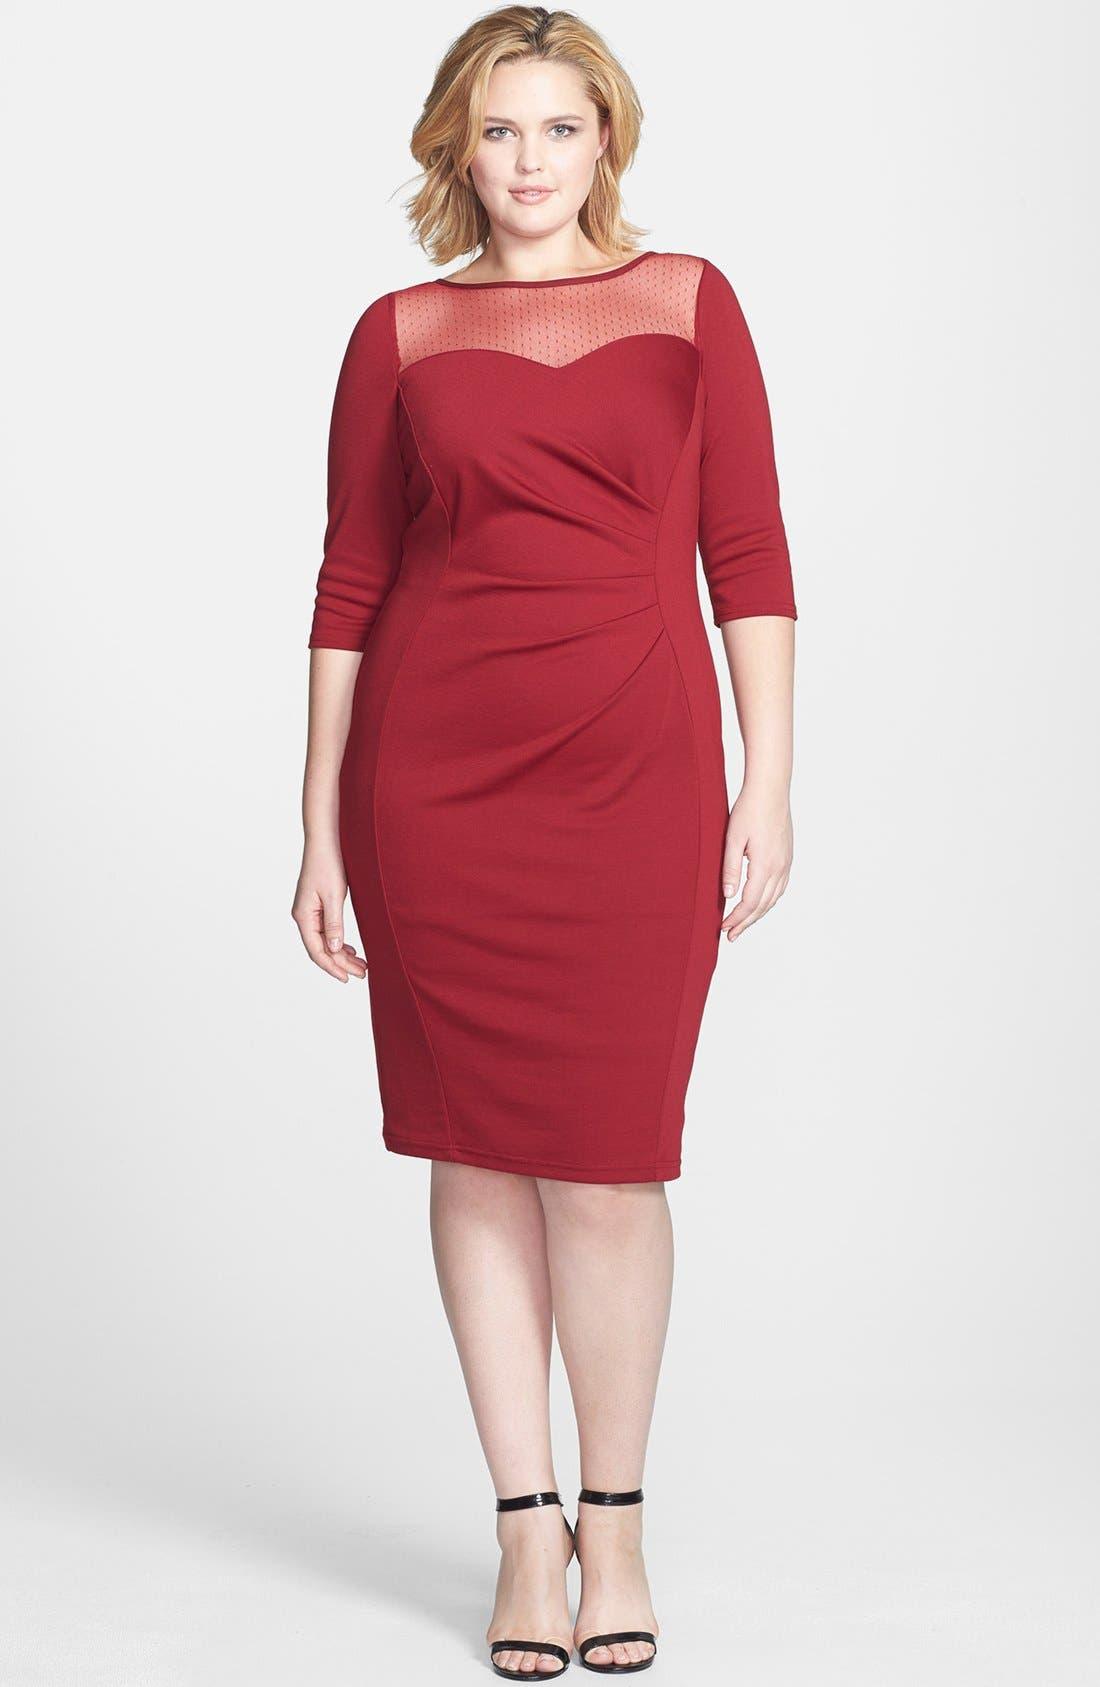 Alternate Image 1 Selected - Scarlett & Jo Dot Yoke Side Pleat Sheath Dress (Plus Size)